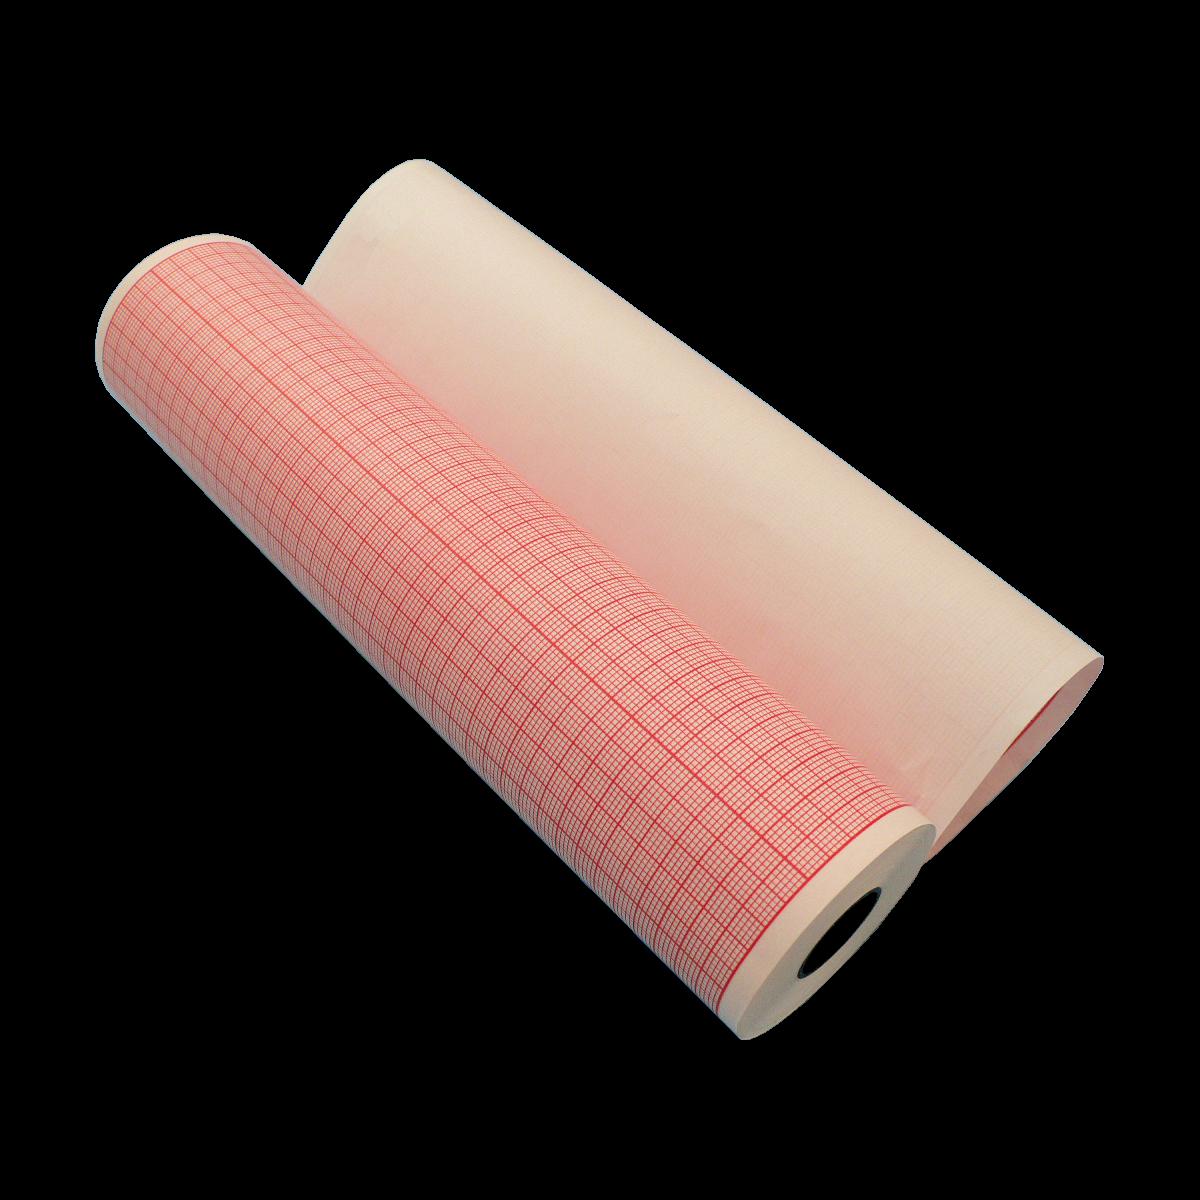 210х30х12, бумага ЭКГ для Bioset, BTL-08LT, Dixion, реестр 4062/2